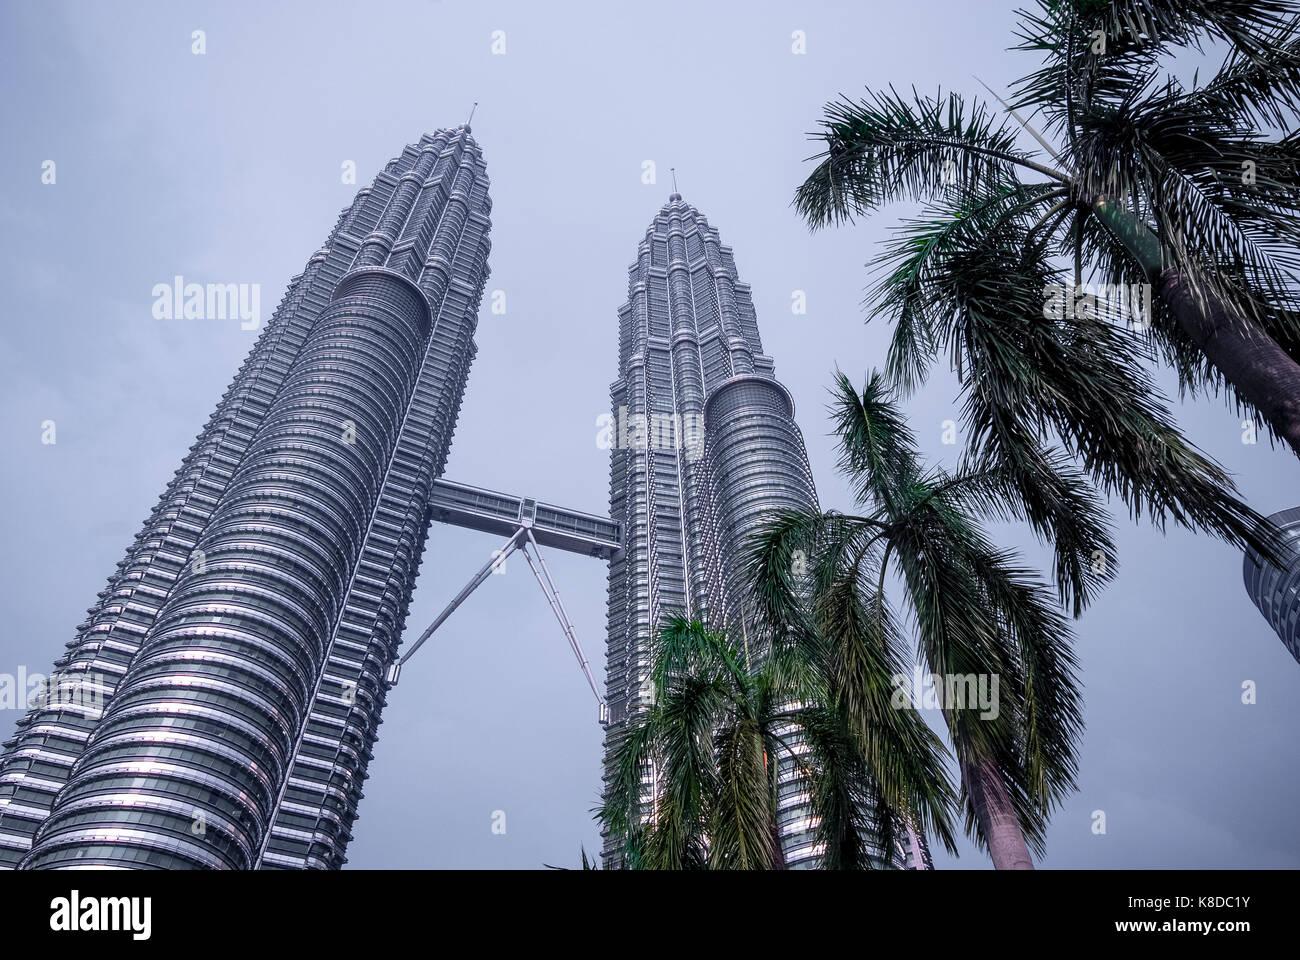 dating in Kuala Lumpur Maleisië Dating meer dan 50 forum